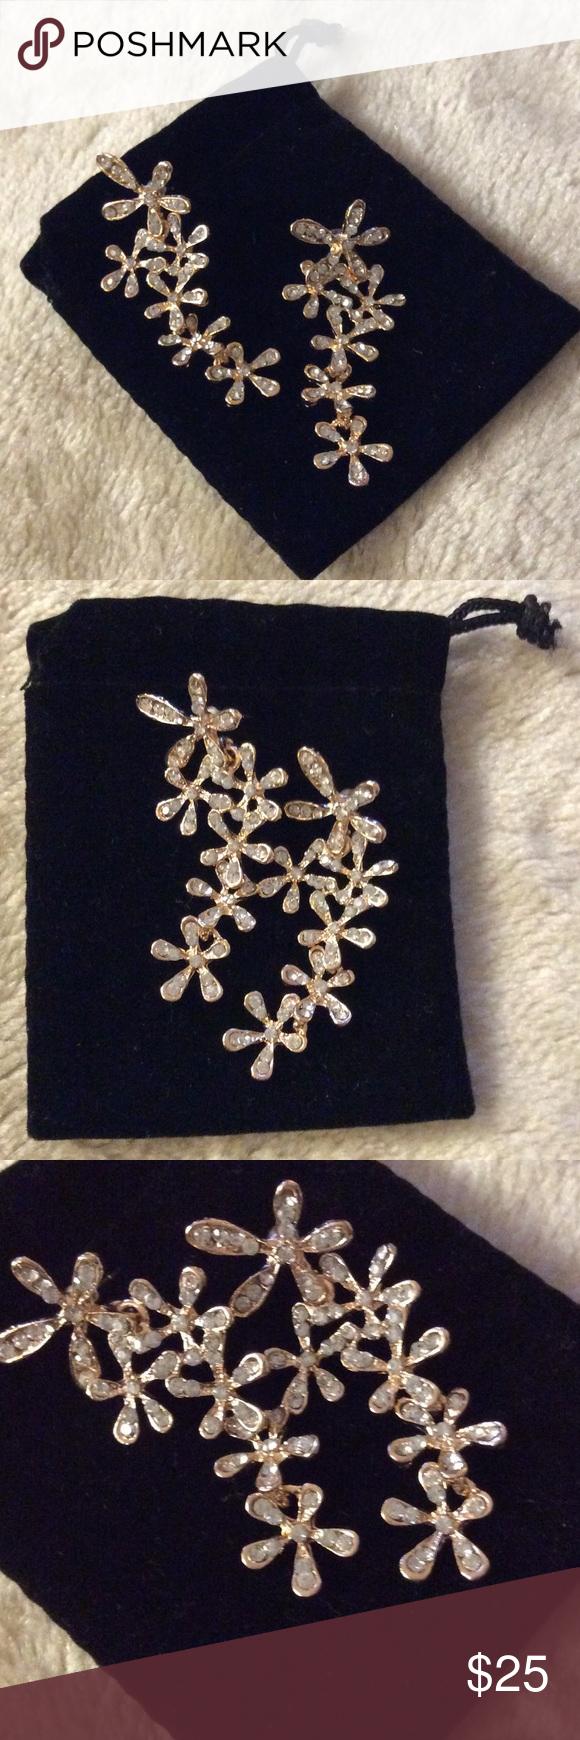 💞SNOWFLAKES earrings 💕rhinestone Chrystal dangle Jewelry earrings,New, never used Jewelry Earrings